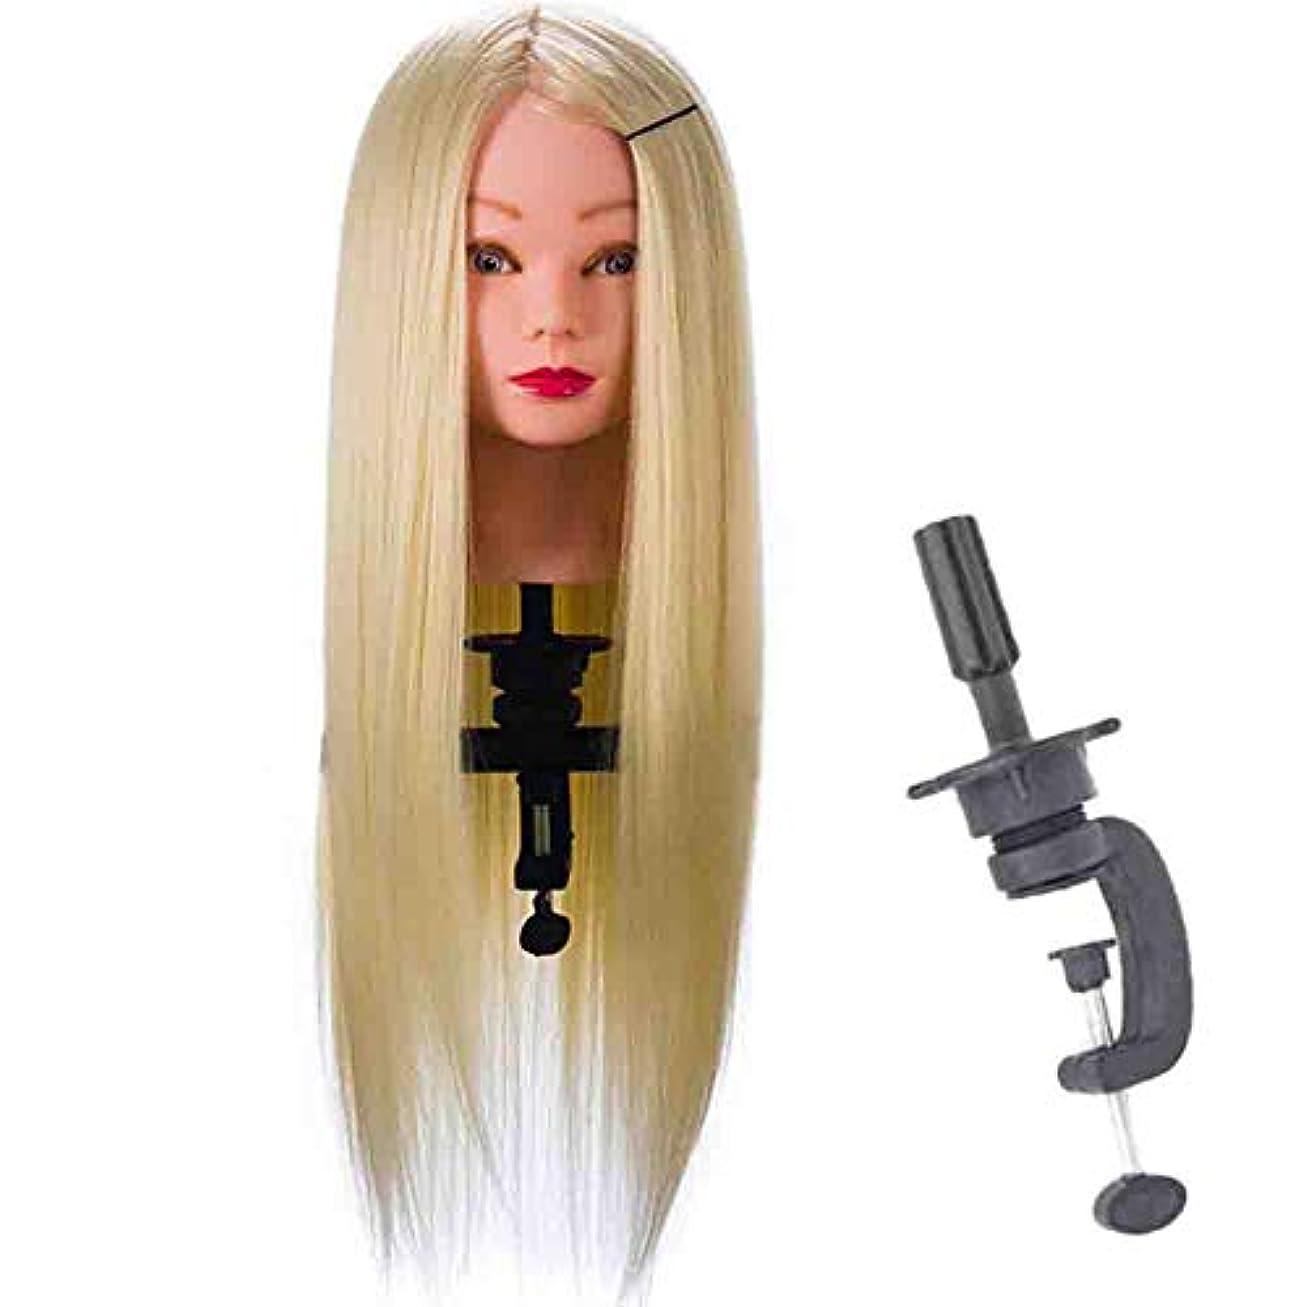 気がついて電化するドレスシミュレーションウィッグヘッドダイドールヘッドモデルエクササイズディスクヘアブレードヘアメイクスタイリングヘアサロンダミーマネキンヘッド